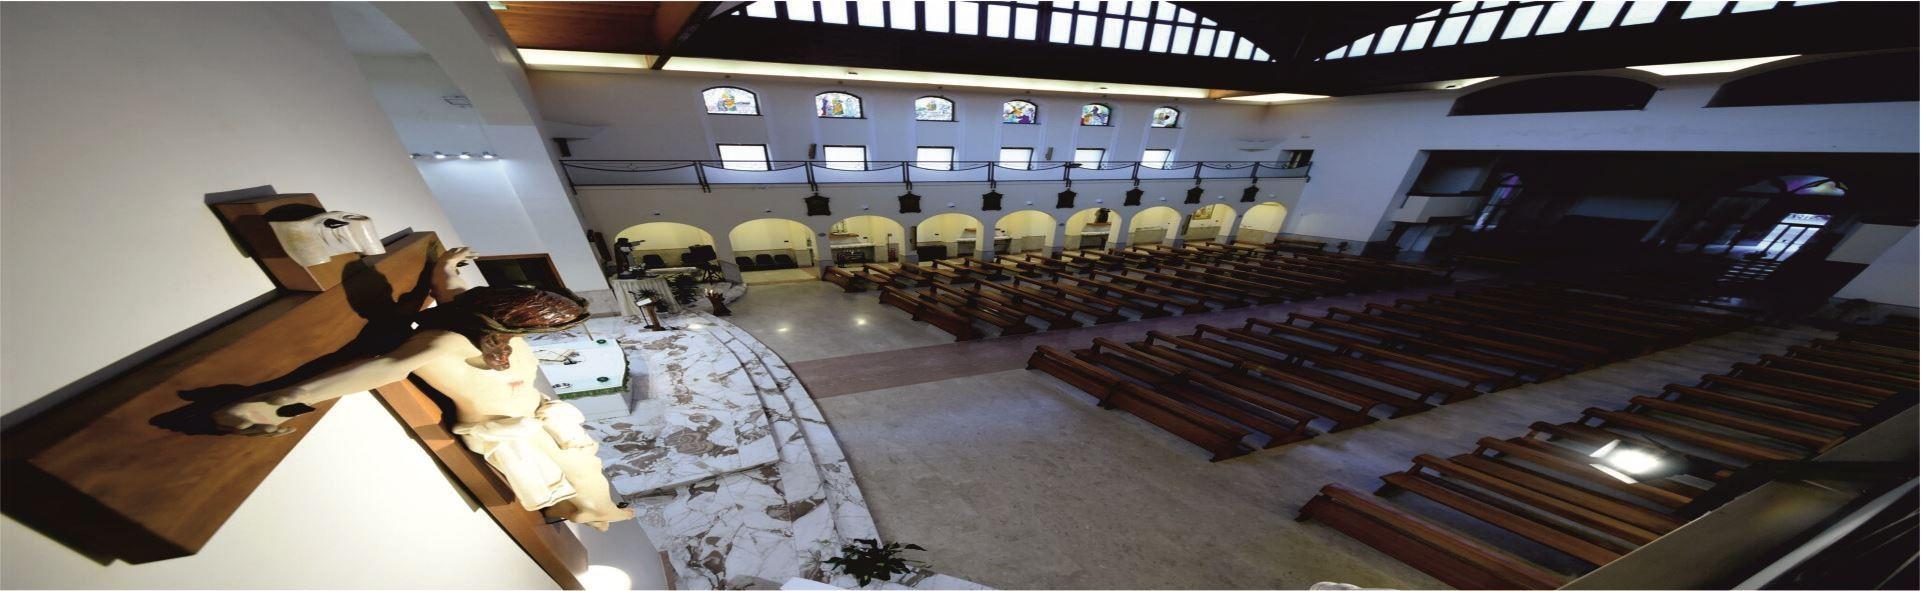 Cristo Gesù - Santuario Sant'Anna - Caserta